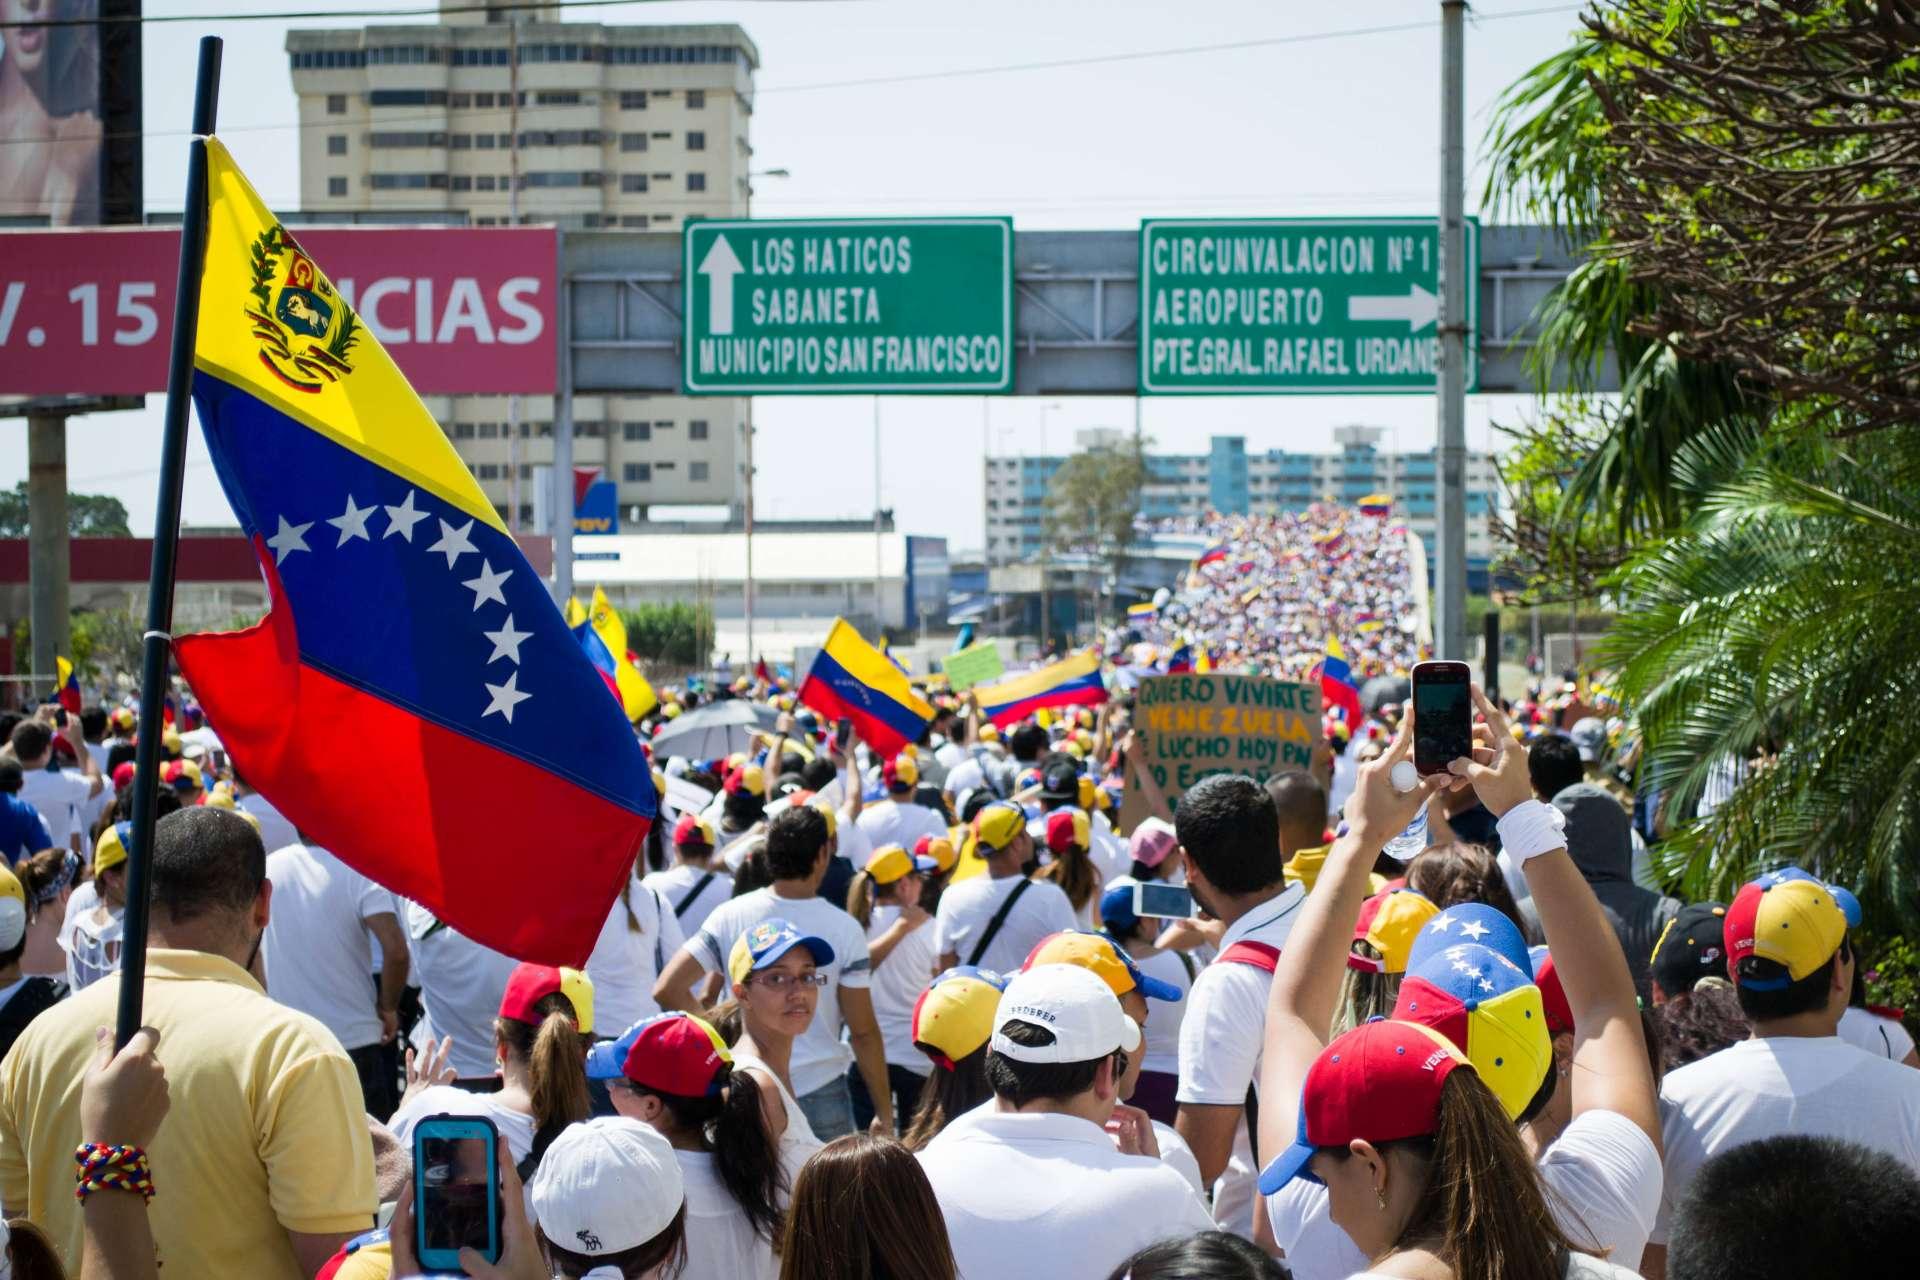 Jóvenes marchando por las calles de Caracas. Fotografía cedida a BEZ con Licencia Creative Commons